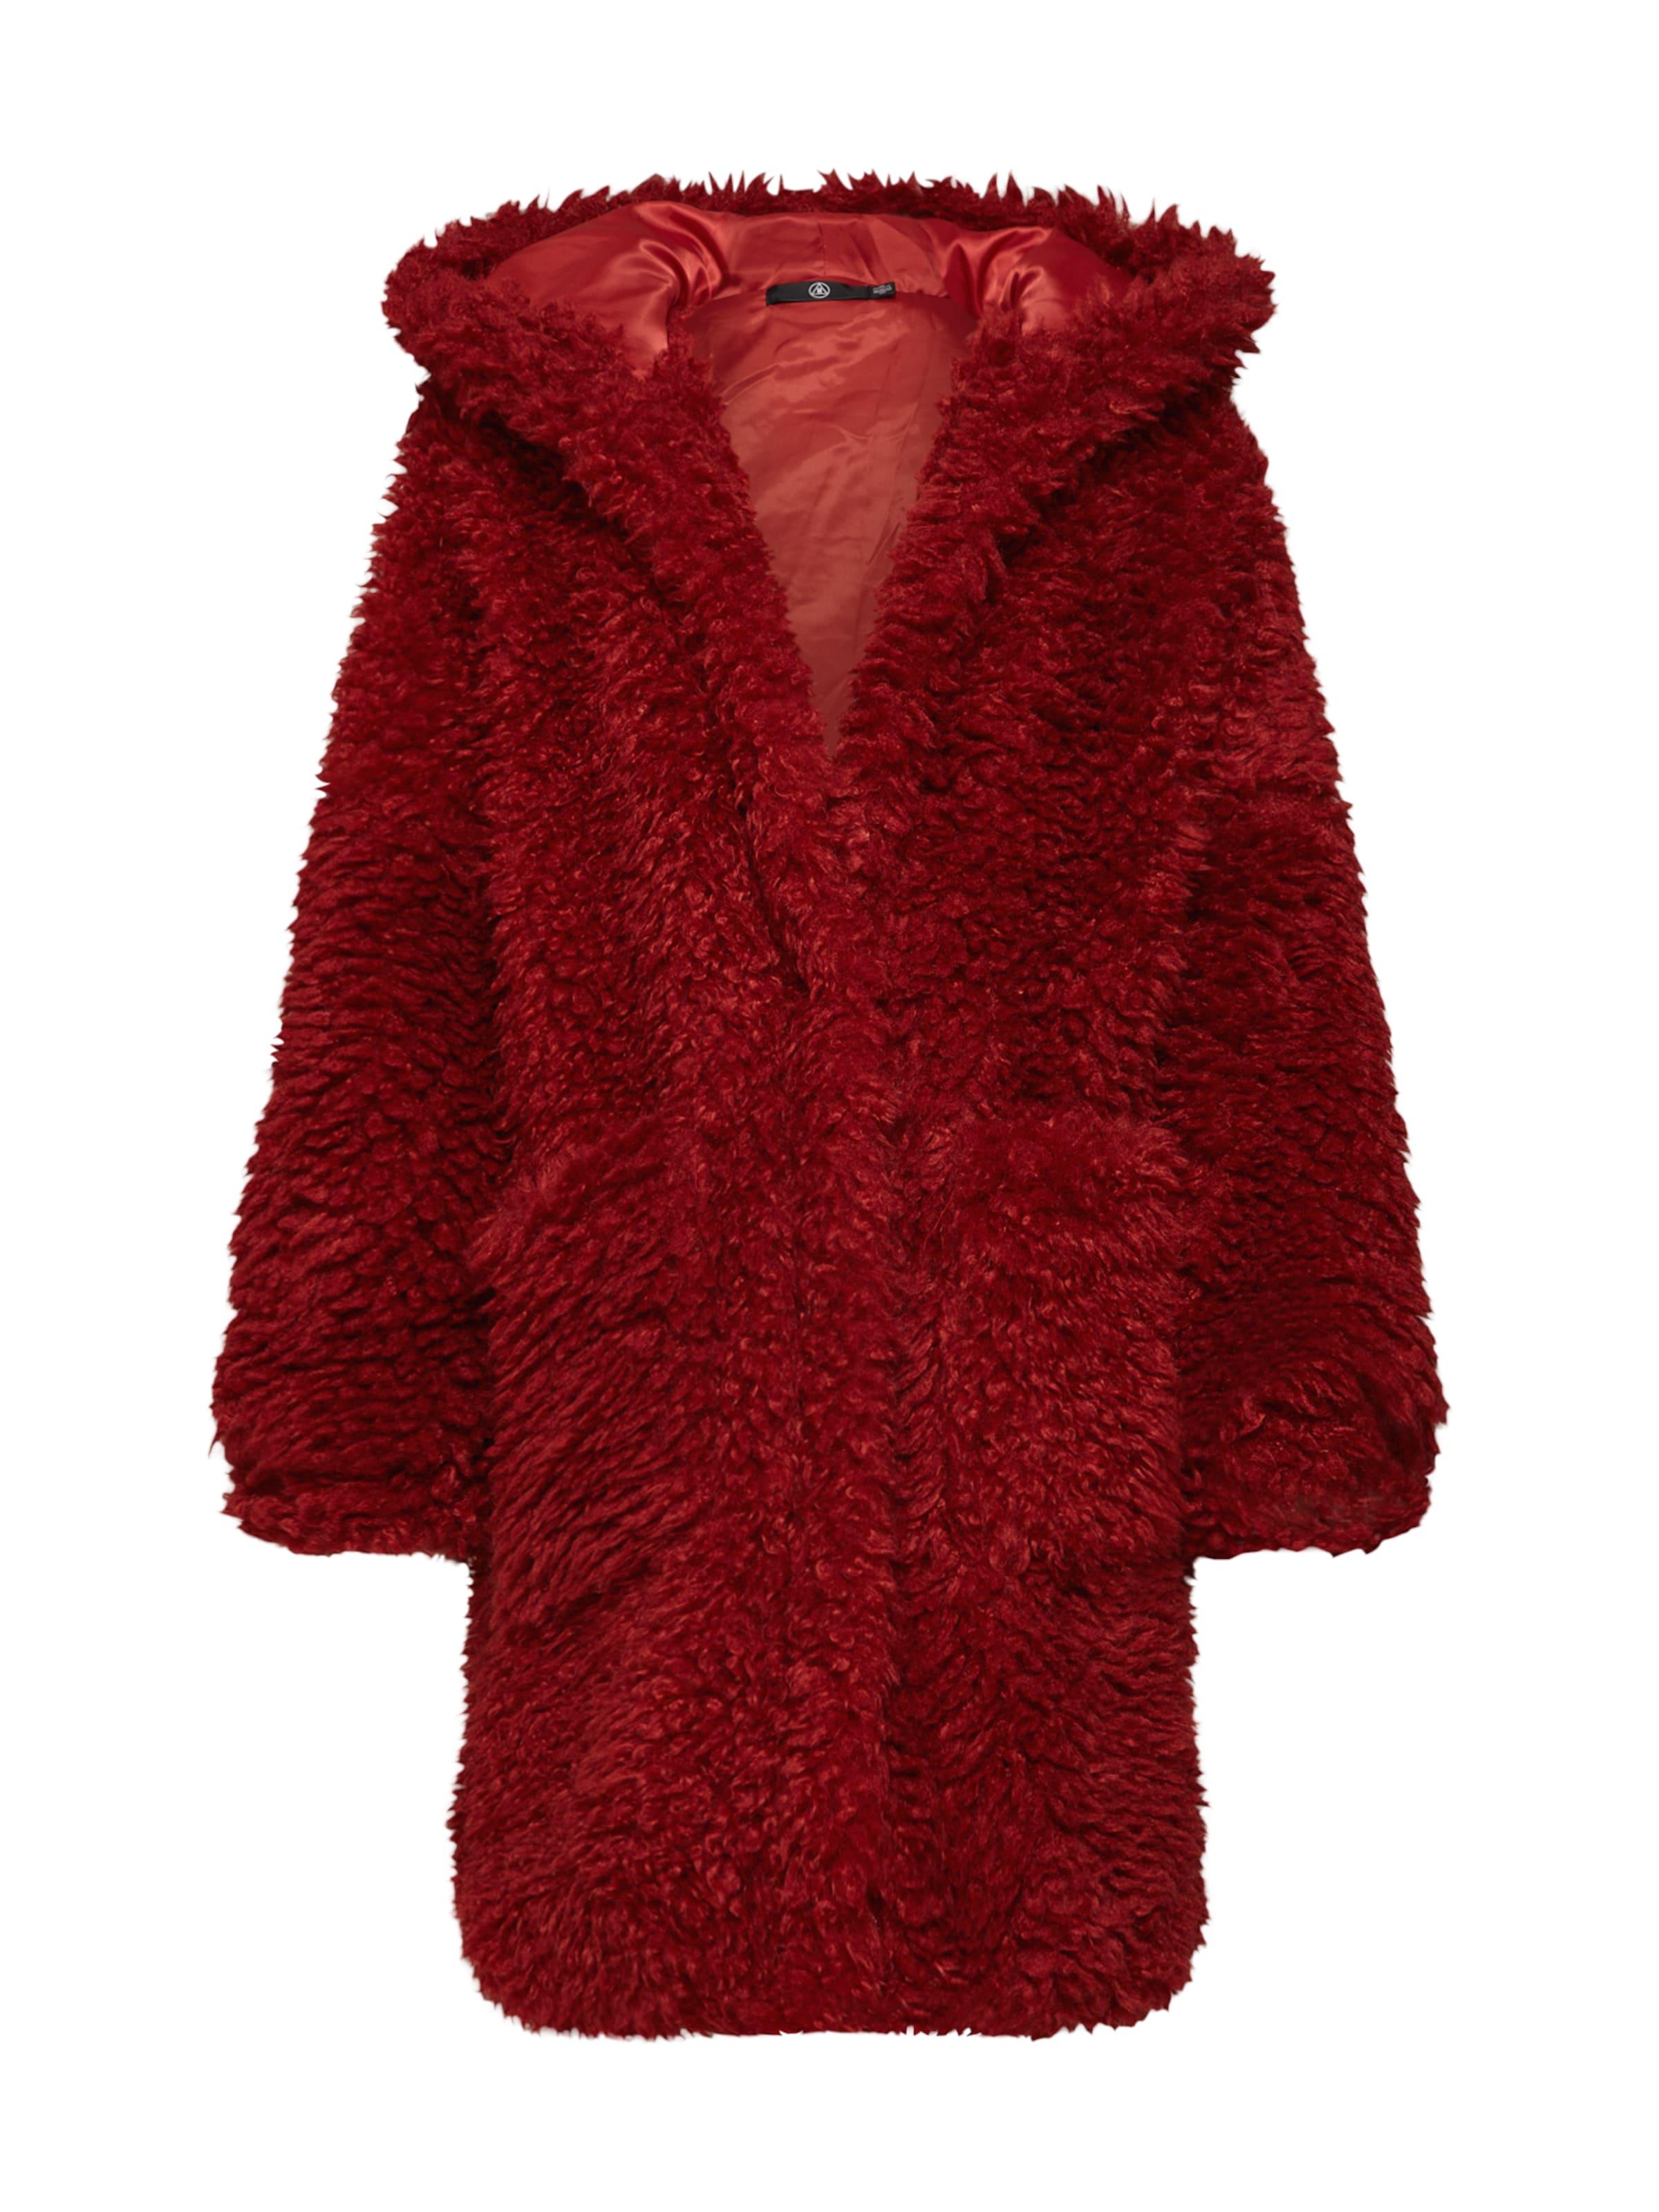 D'hiver D'hiver Rouge Rouge En En Manteau Manteau Missguided Missguided En D'hiver Manteau Missguided TFclKJ5u13